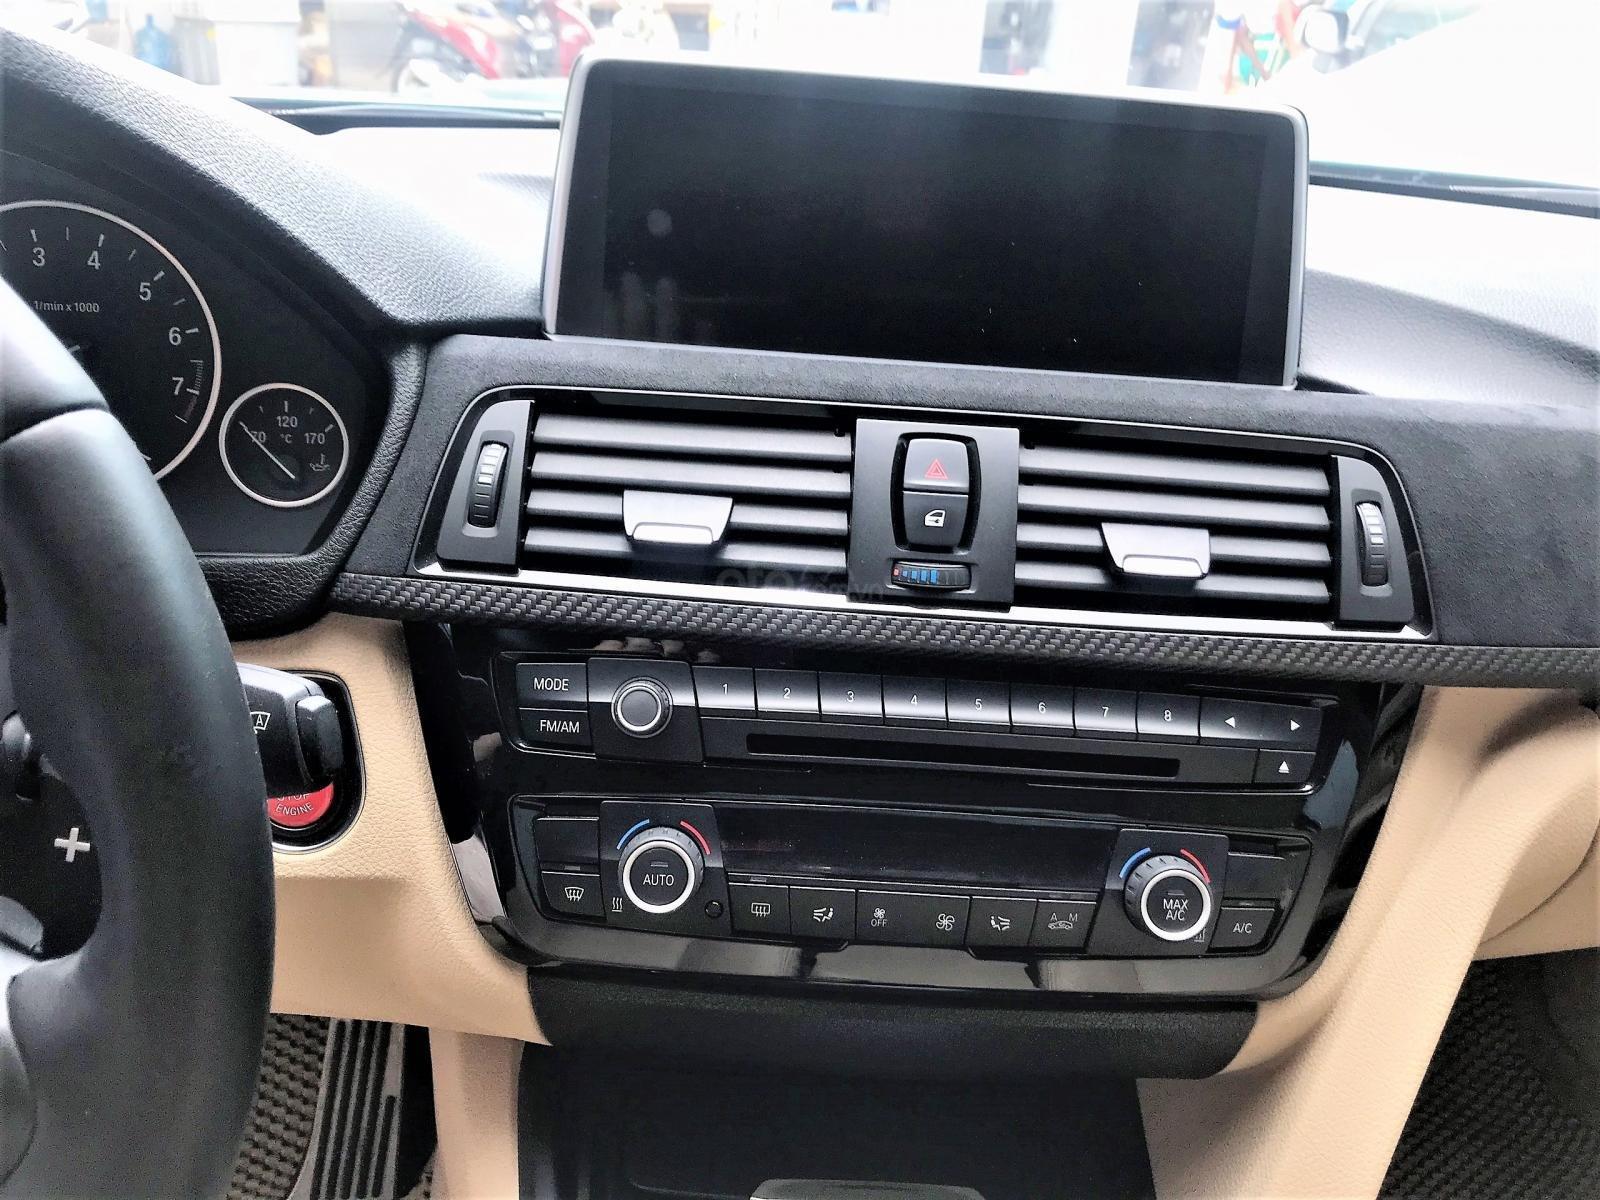 Bán ô tô BMW 3 Series 320i 2013, màu xanh cực chất, xe nhập khẩu-8